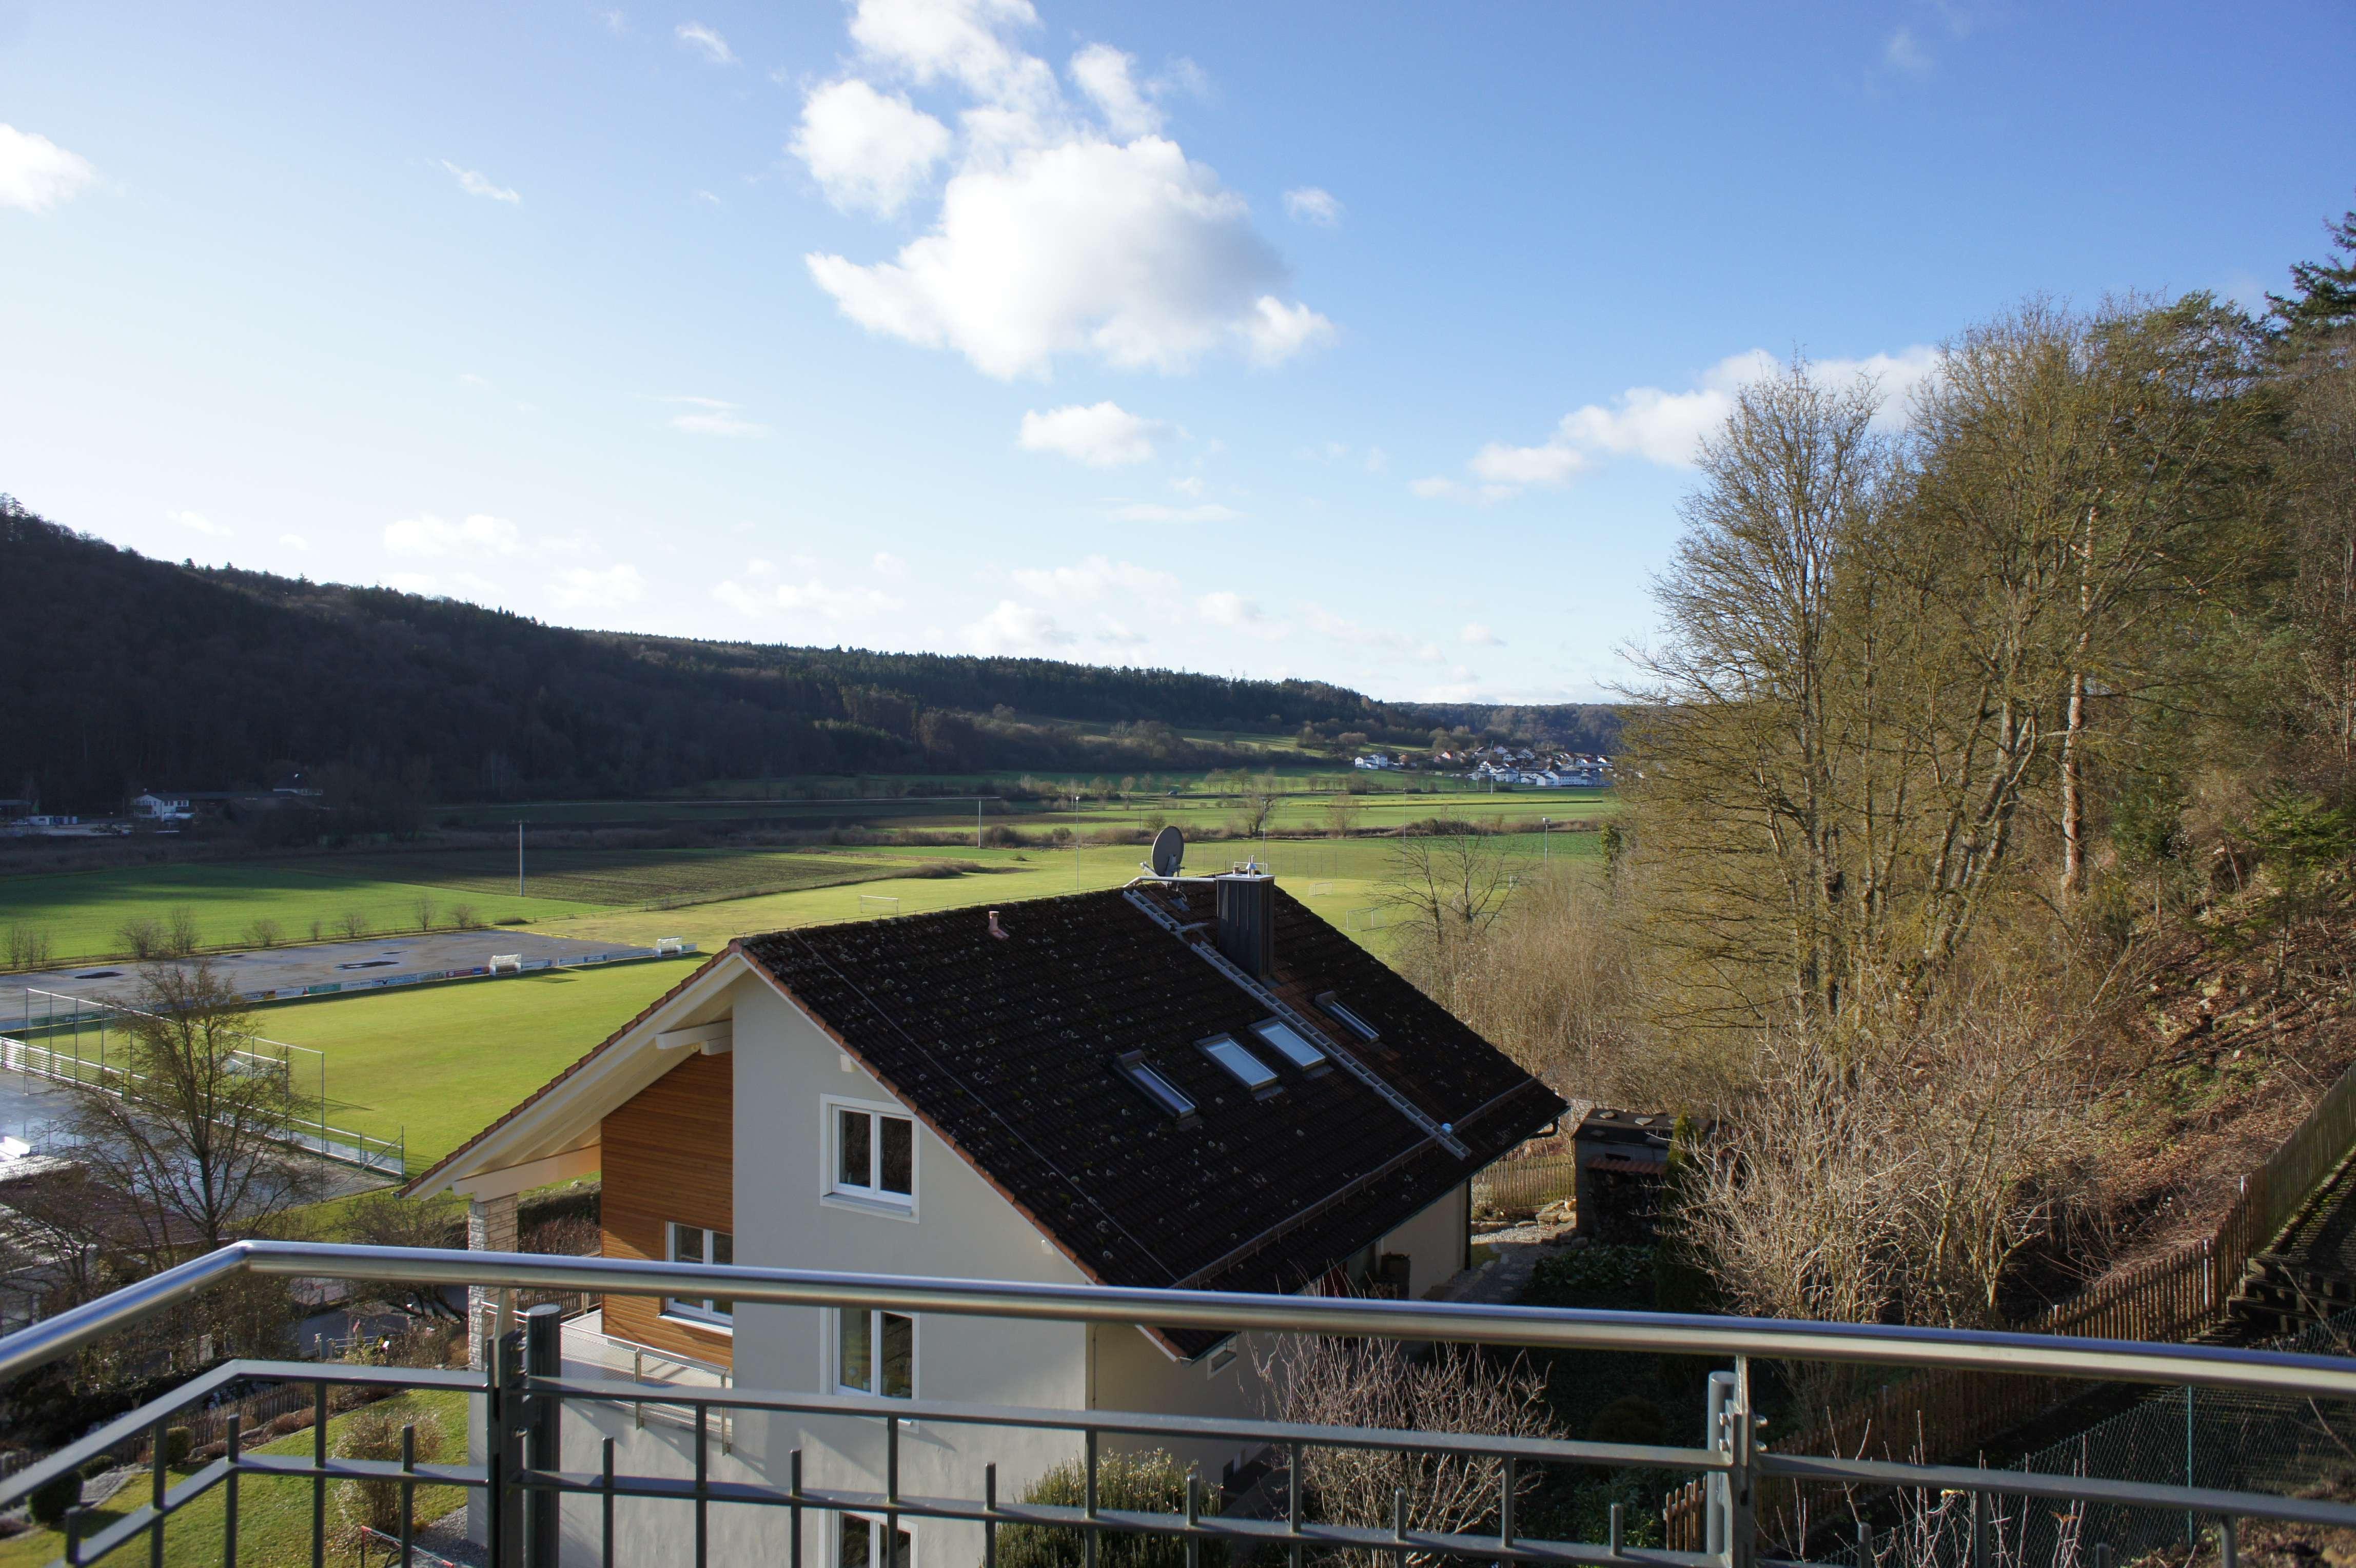 Panoramaaussicht vom Balkon aus der 6-Zimmer-DG-Wohnung ins Altmühltal in ruhiger, sonniger Umgebung in